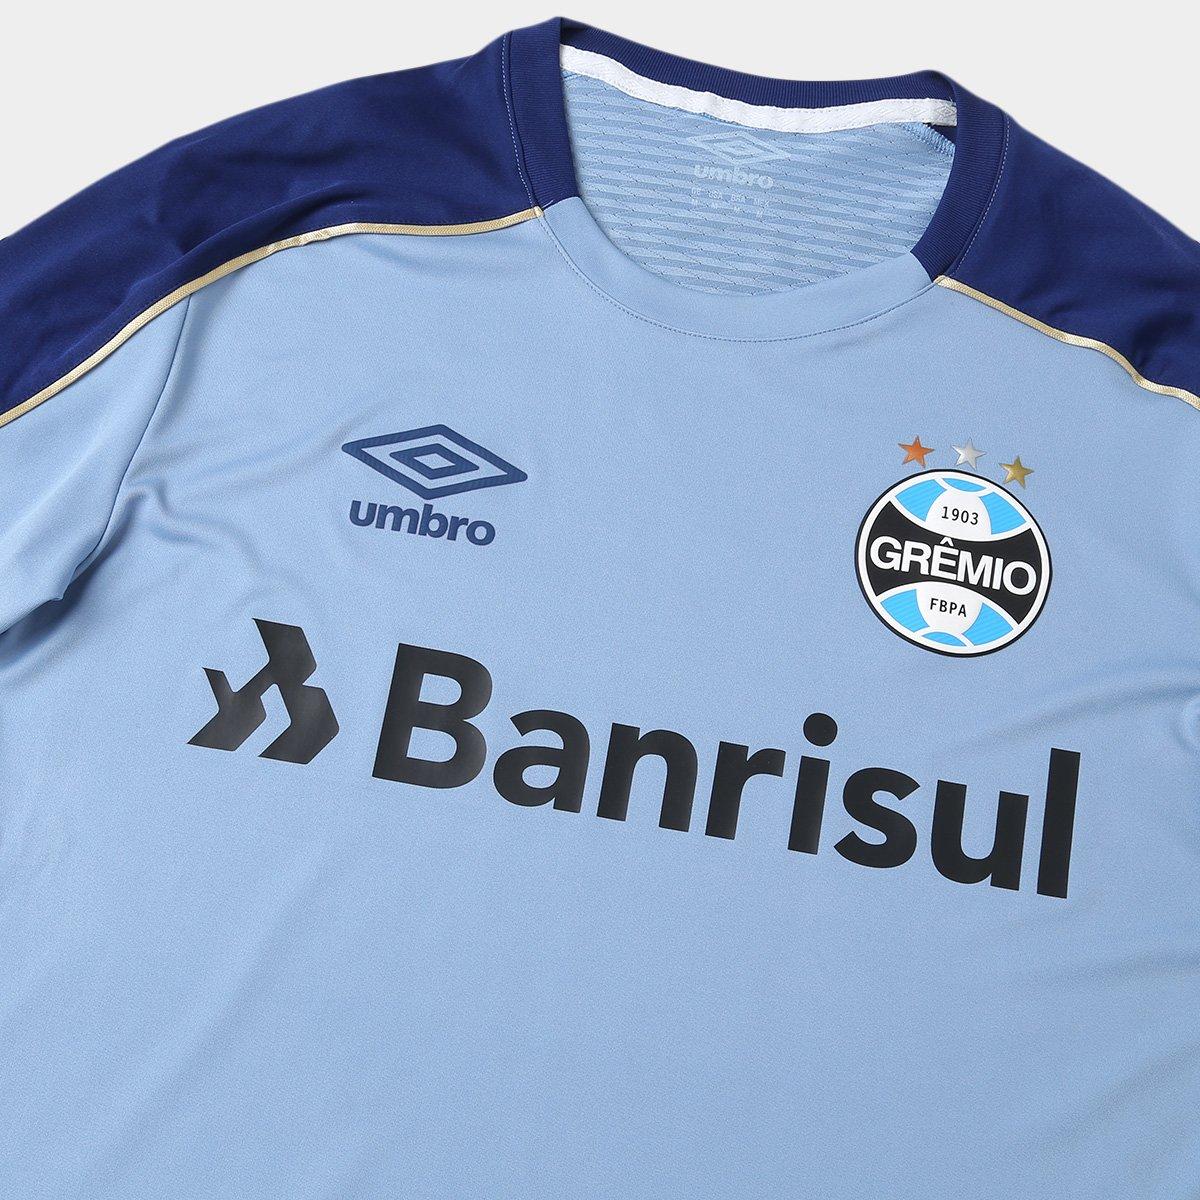 Camisa do Grêmio 2019 Treino Umbro Masculina - Azul - Compre Agora ... d36a8f2415f48